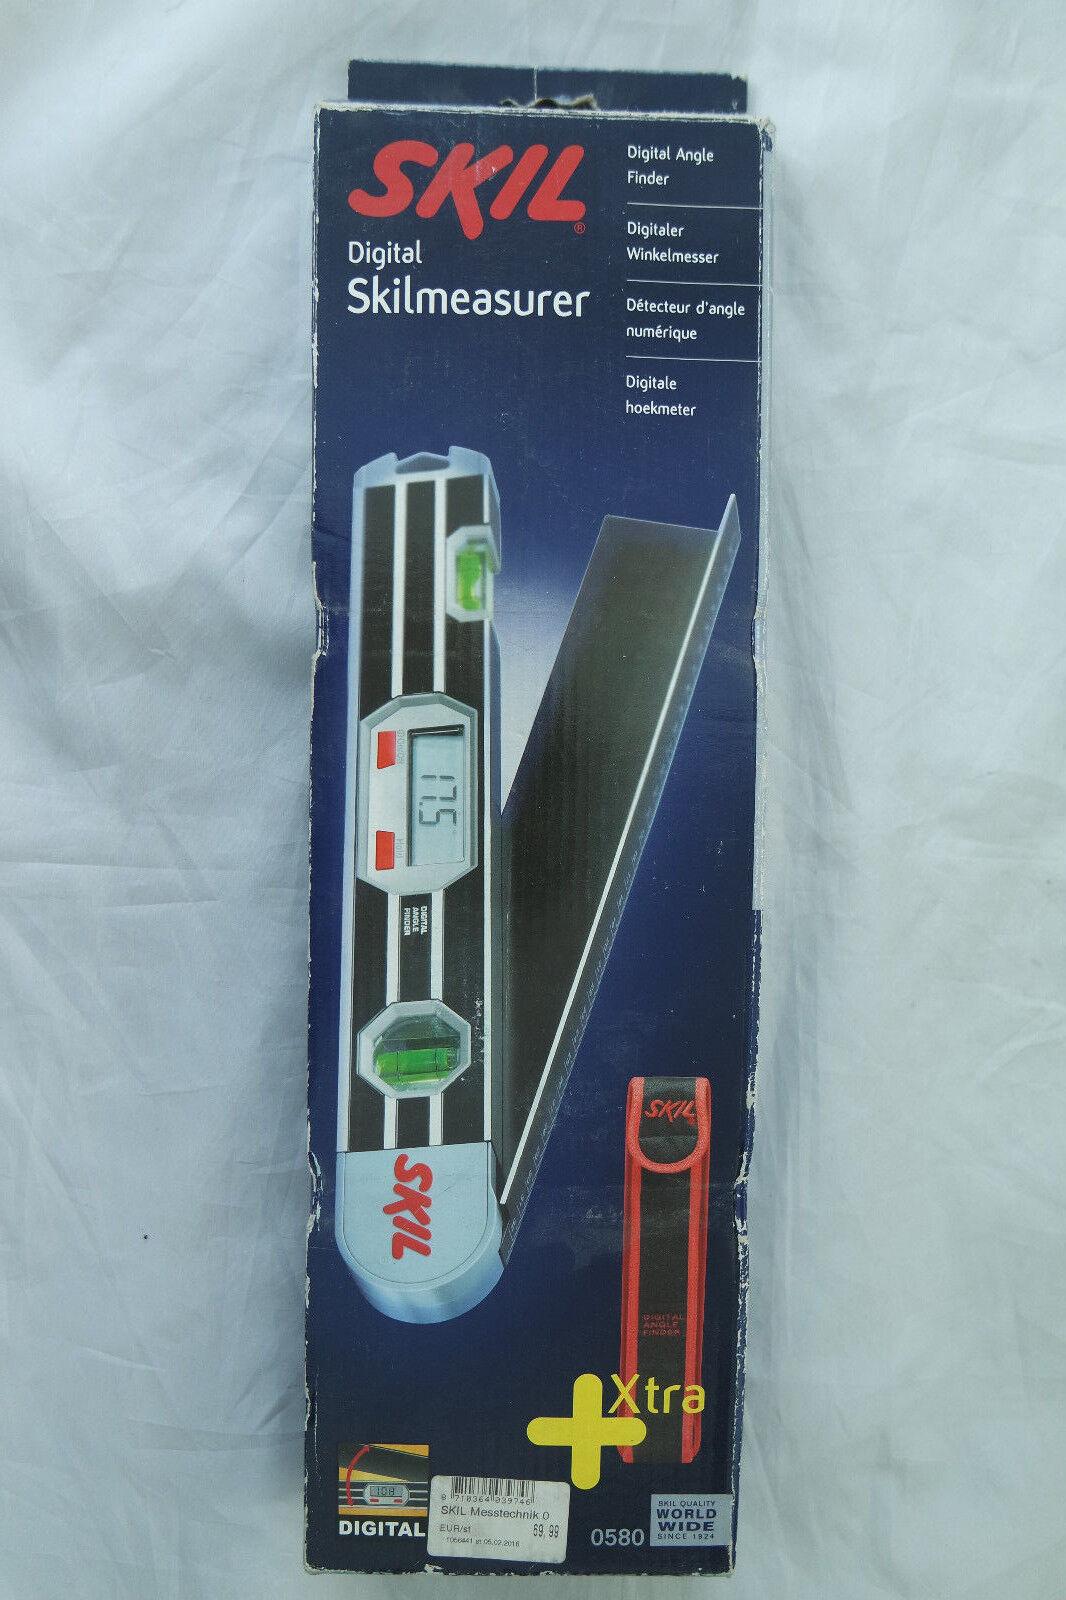 Skil 0580 AA Digitaler Winkelmesser 220° LCD-Anzeige